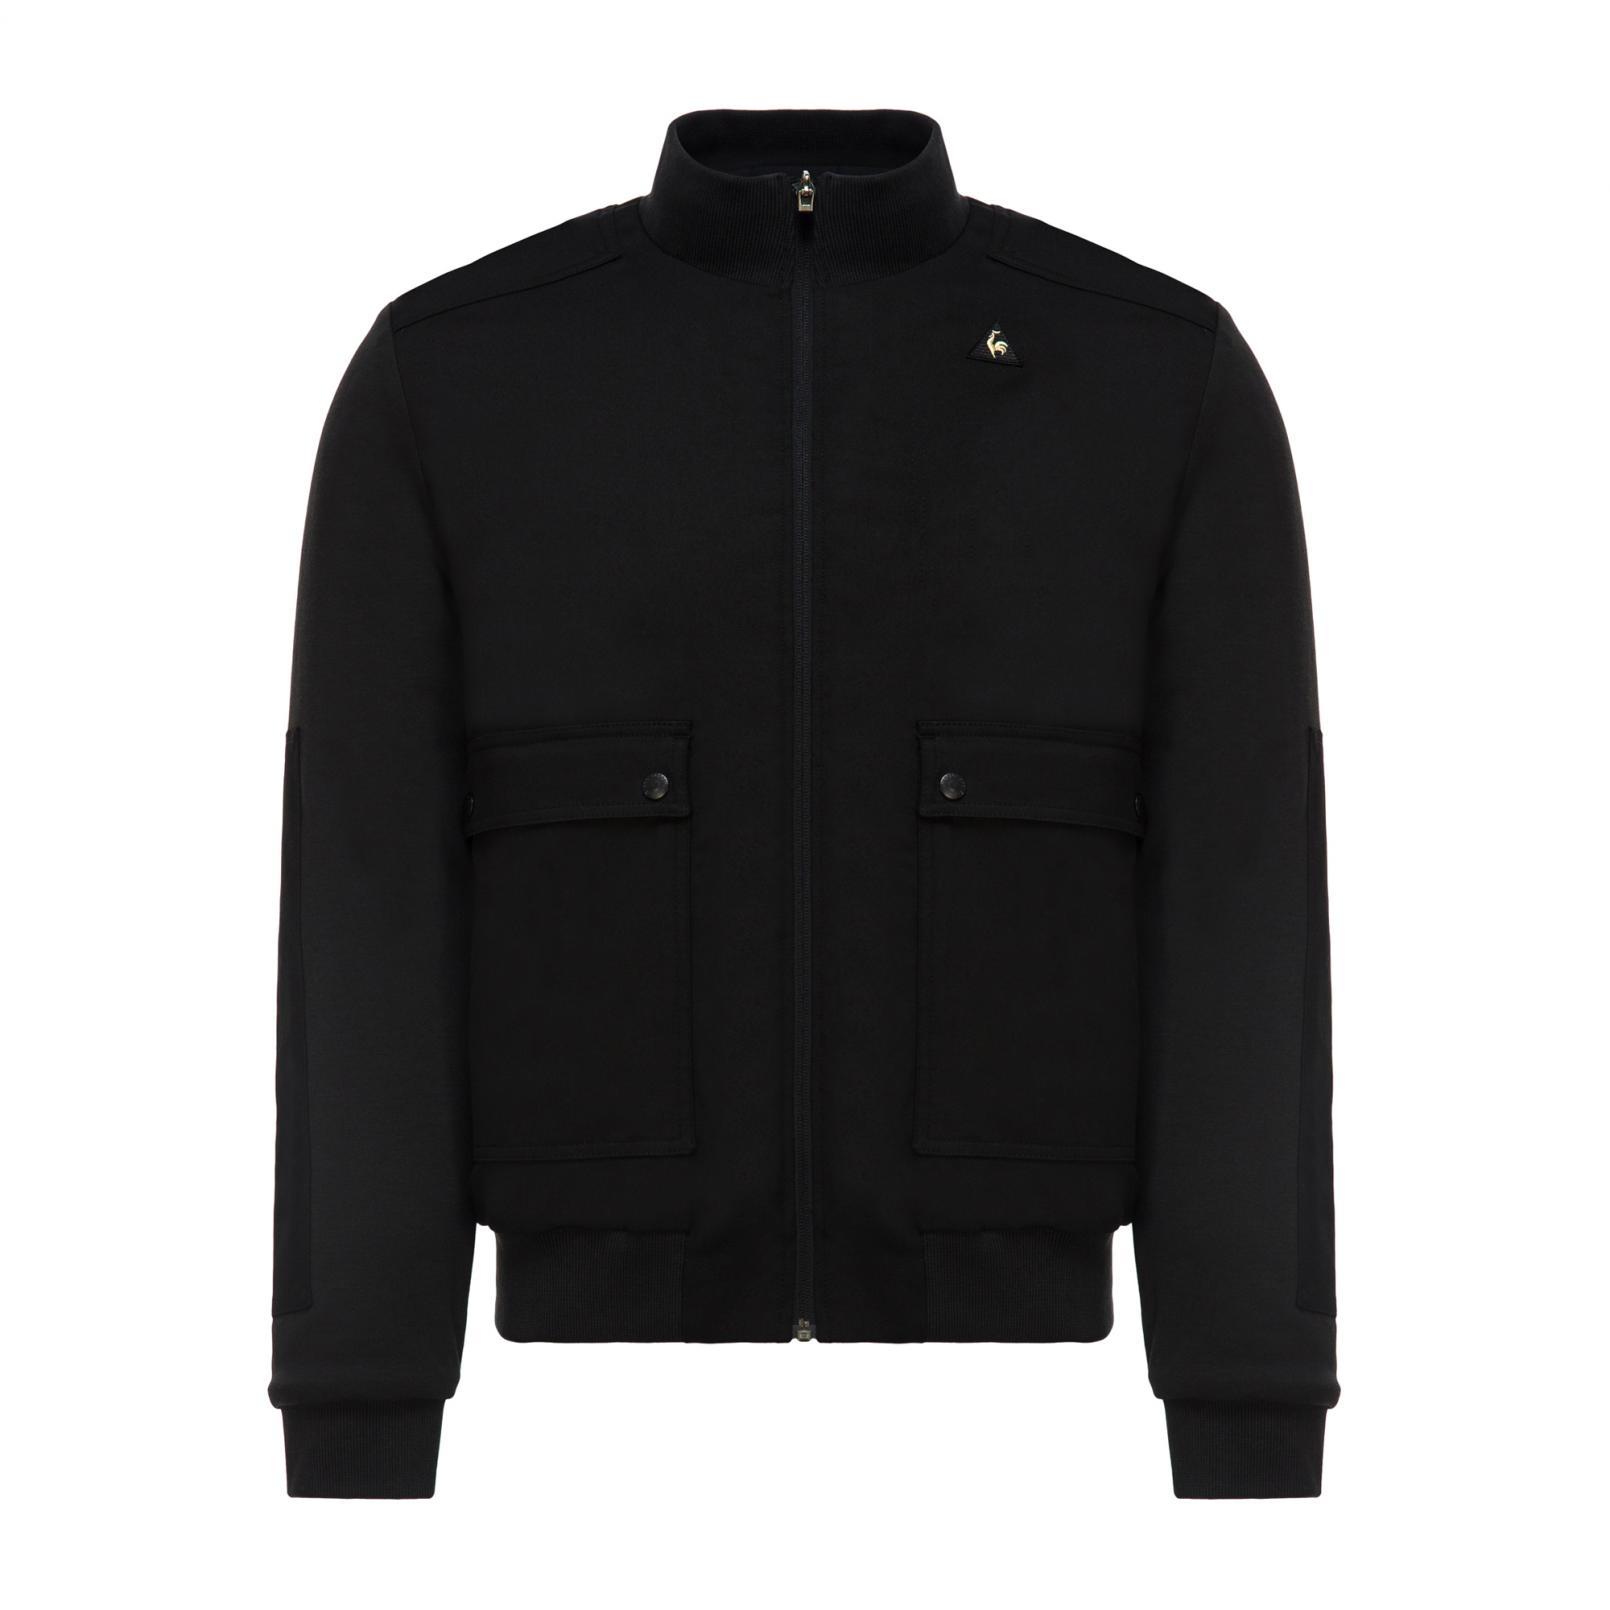 Coats & Jackets – Le Coq Sportif Stadium Bomber Black